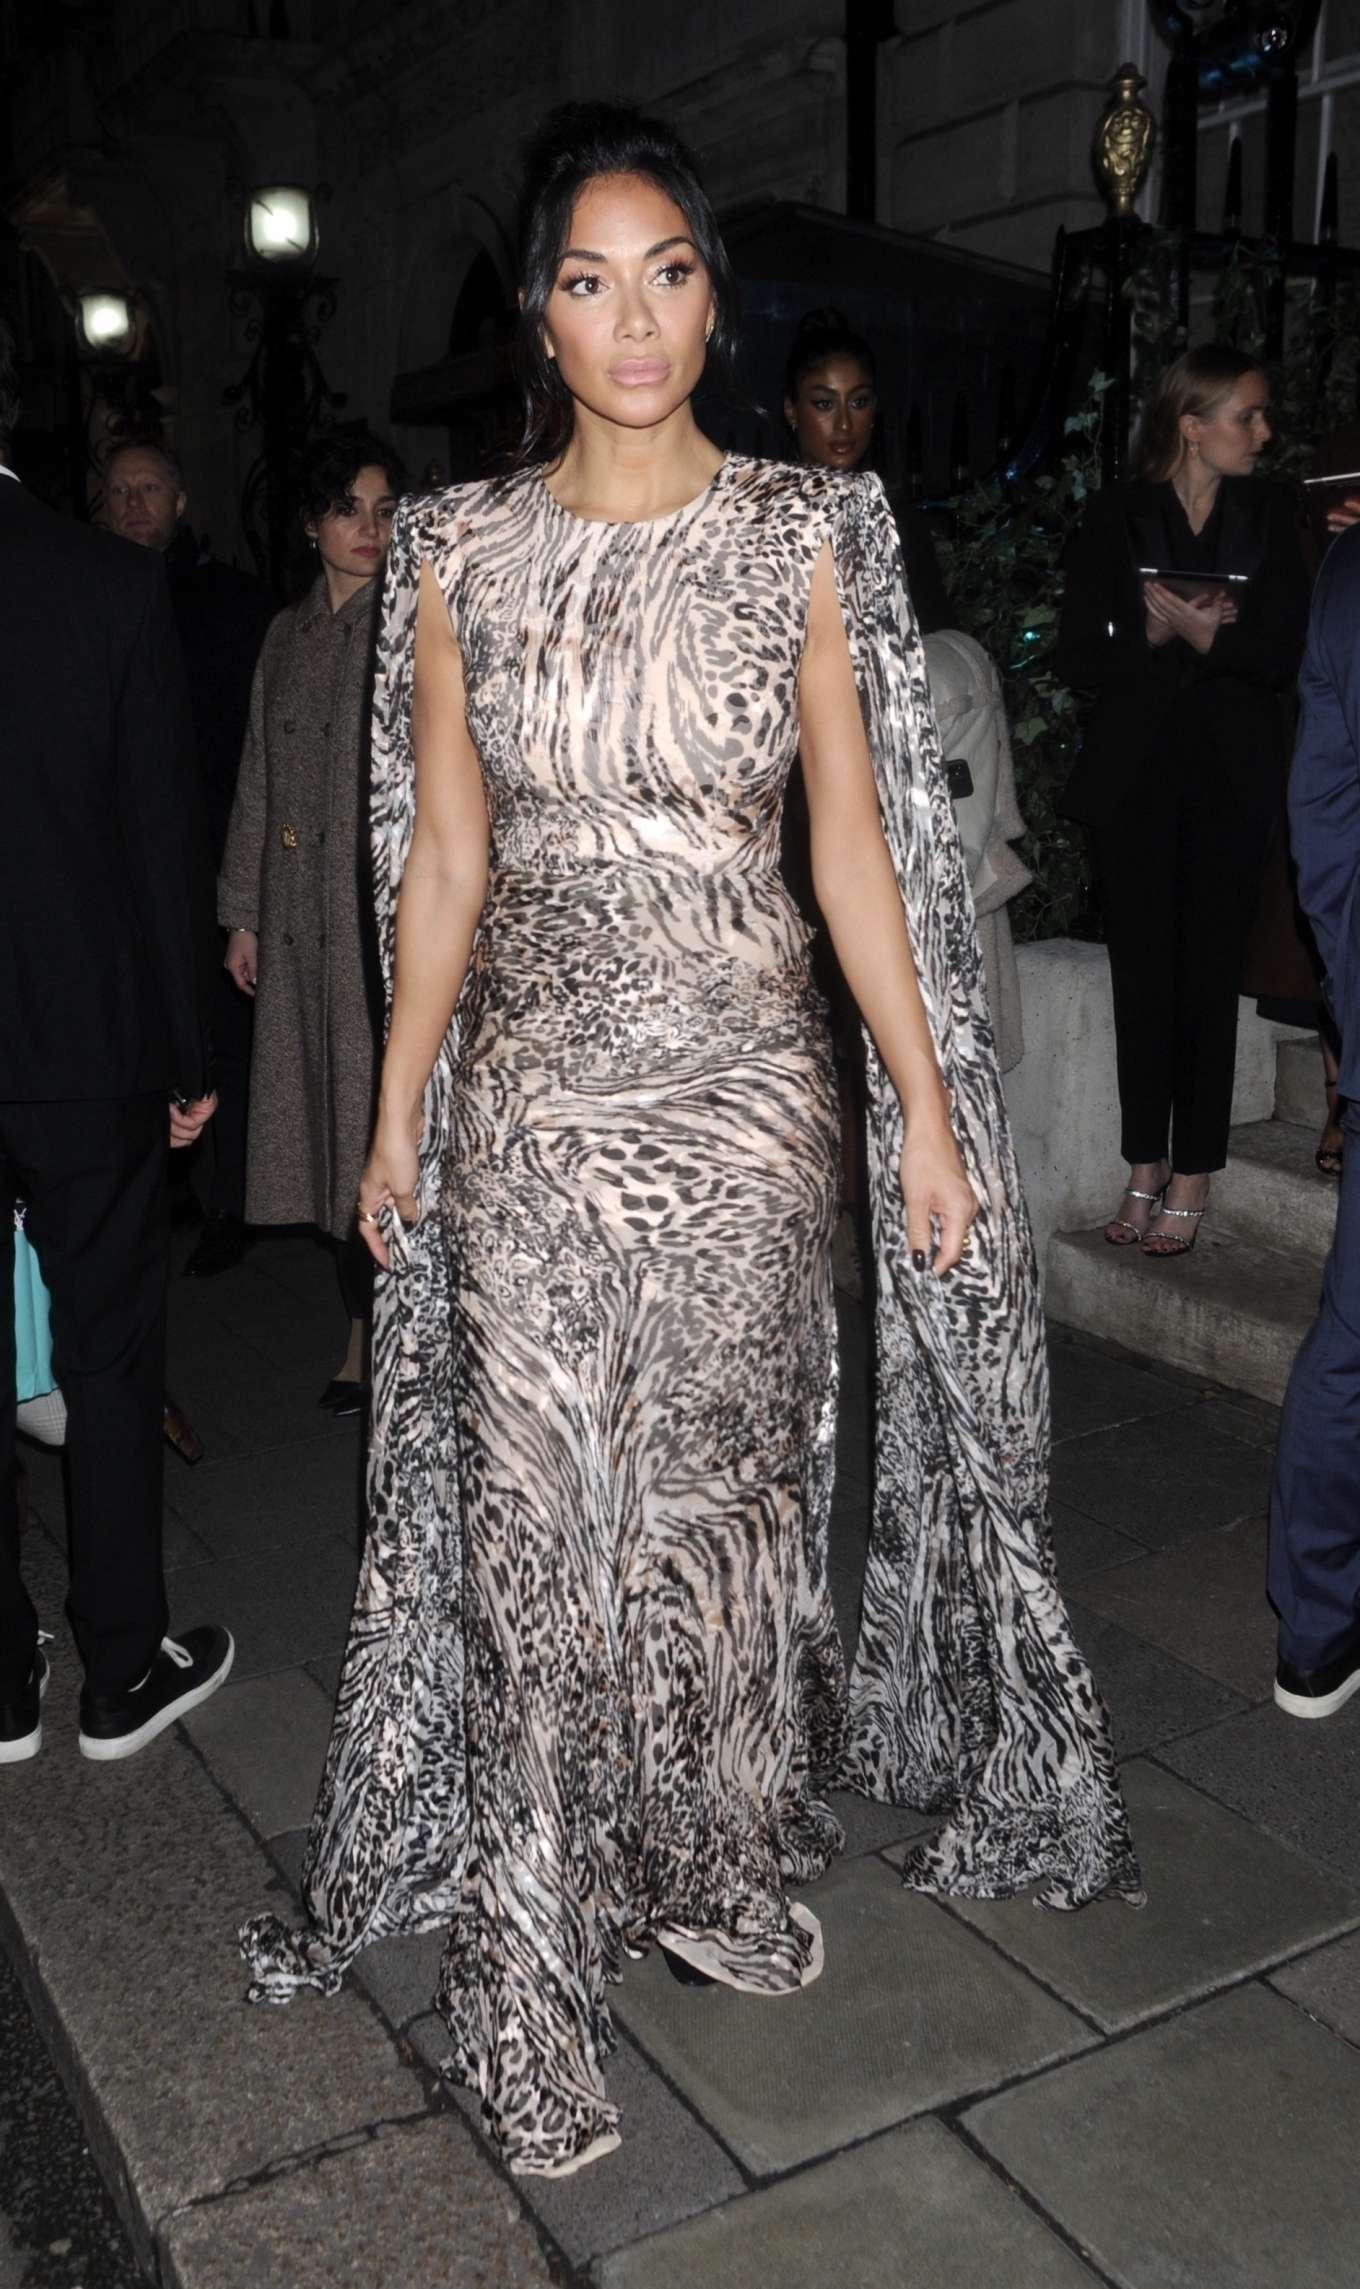 Nicole Scherzinger - Arrives at British Vogue's Fashion & Film Party 2020 in London